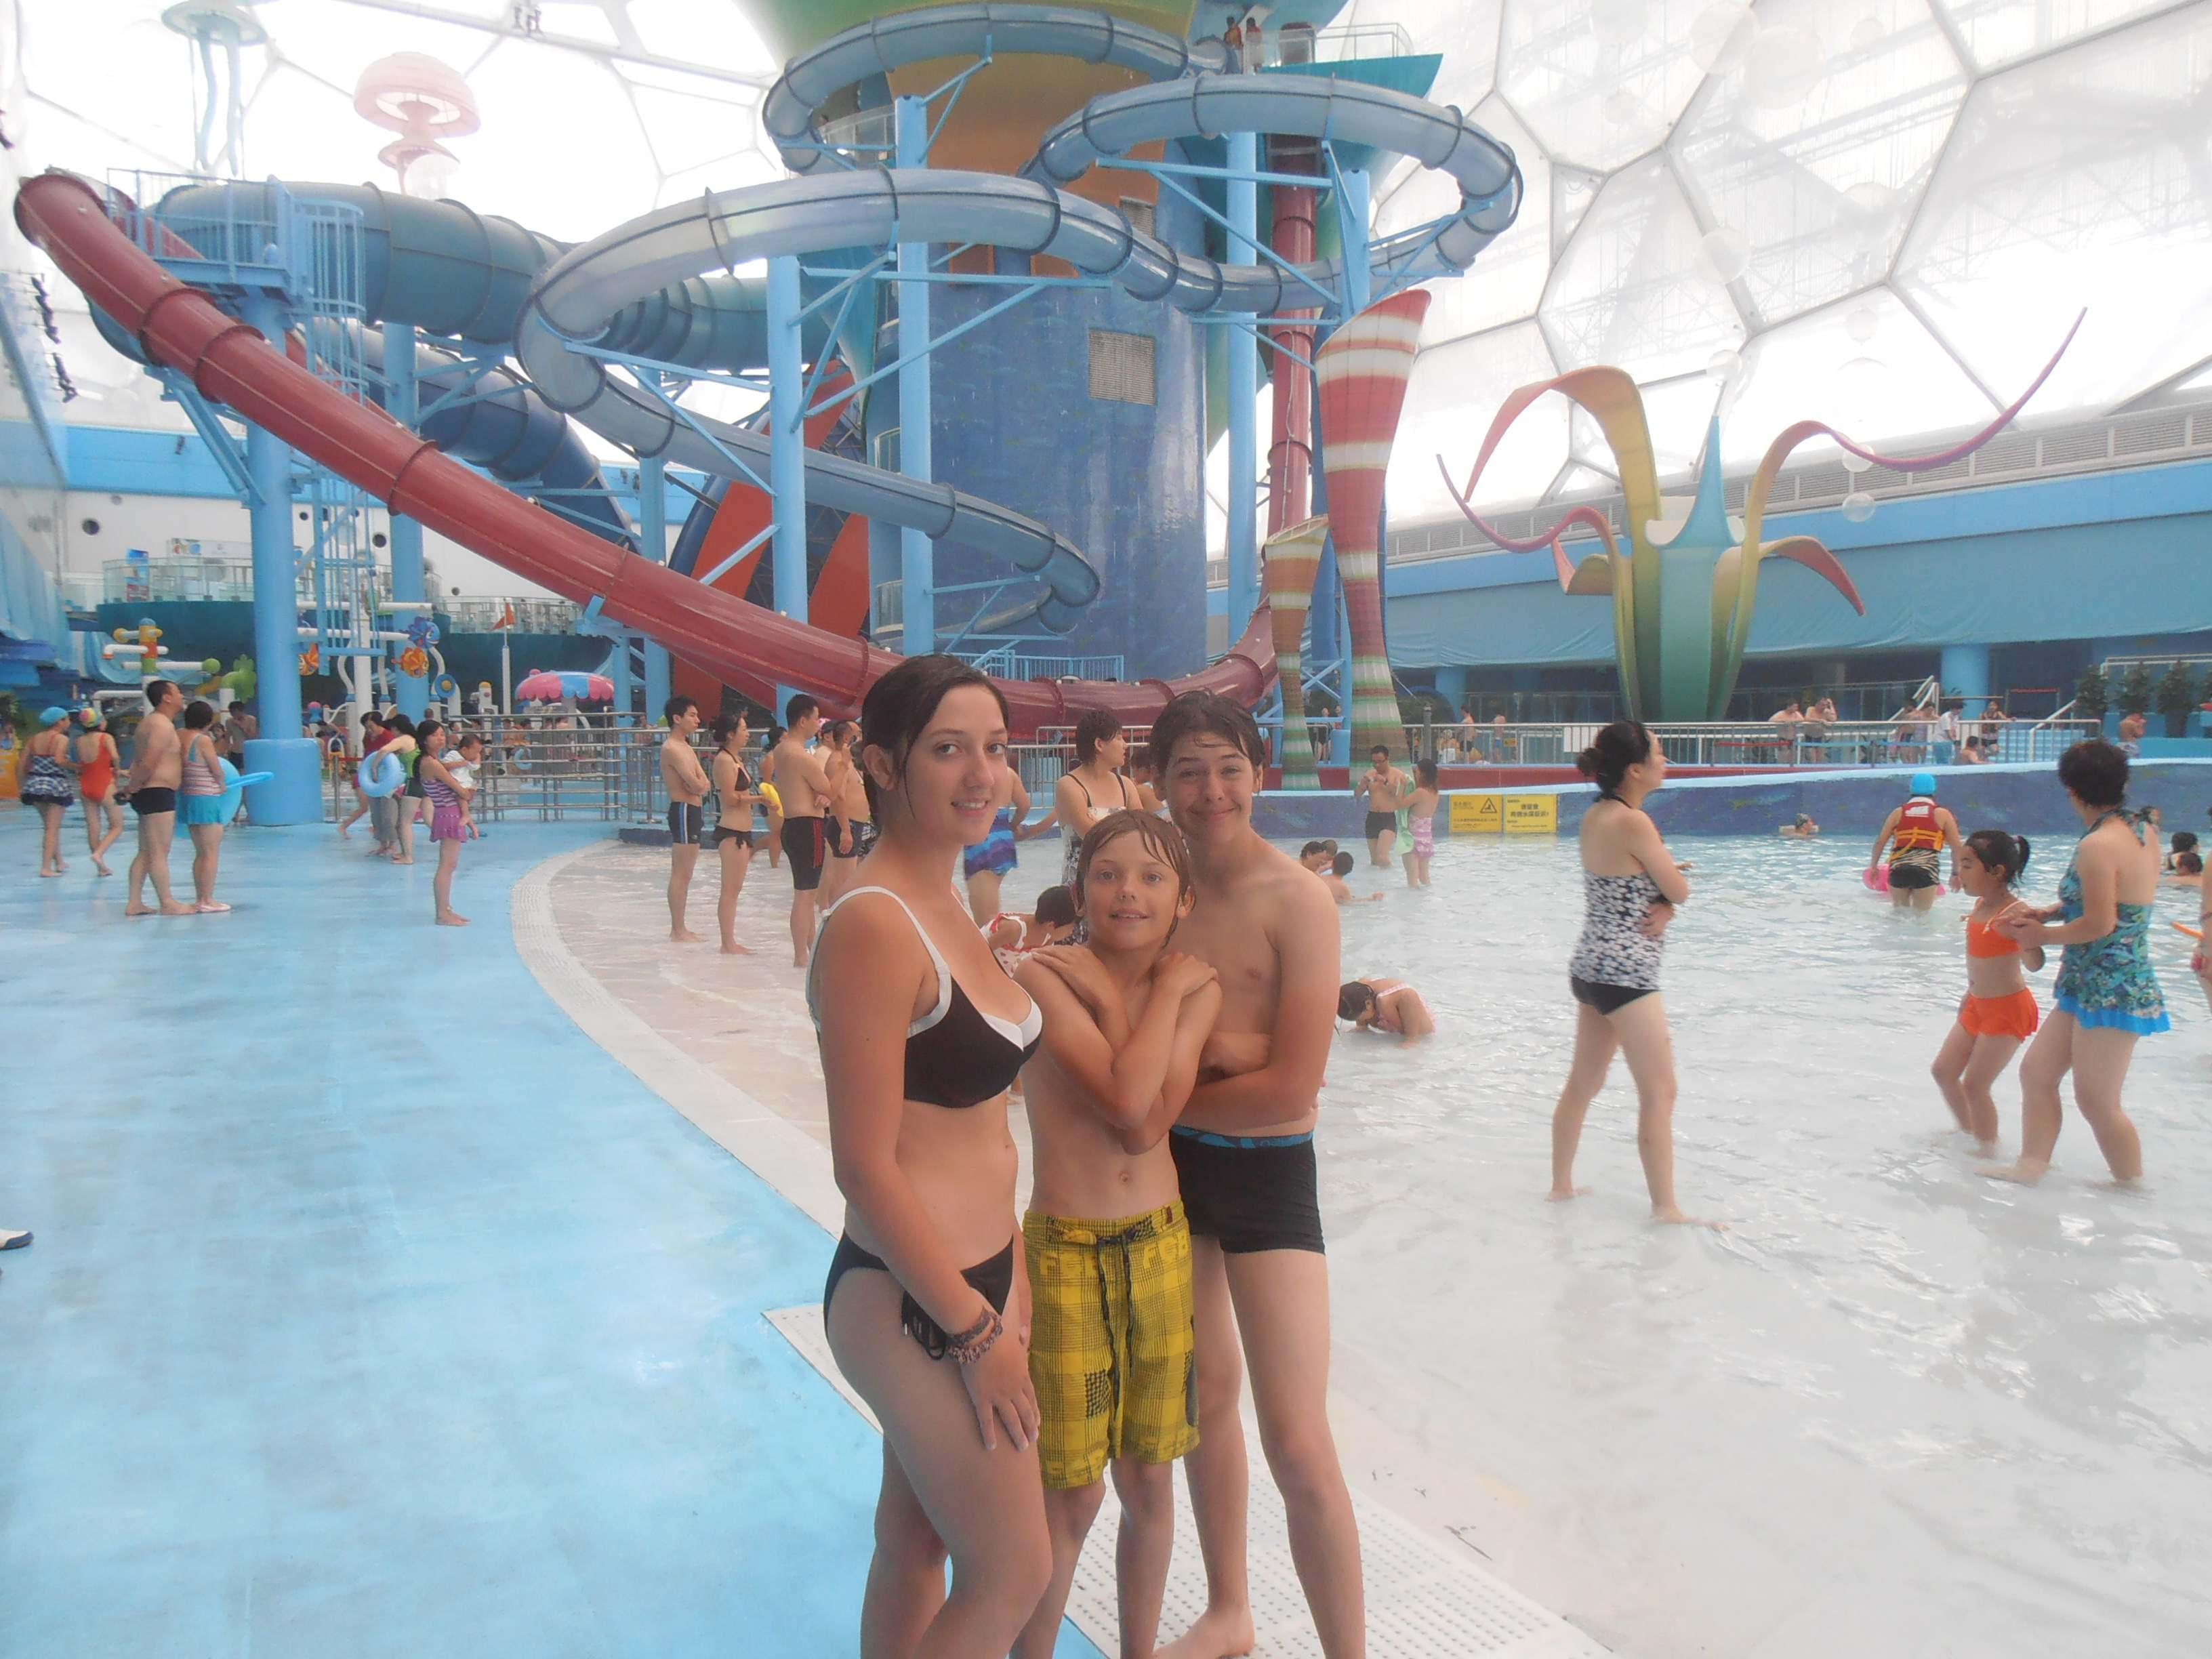 Détente : Tous à la piscine olympique de Pékin dite «le cube d'eau»